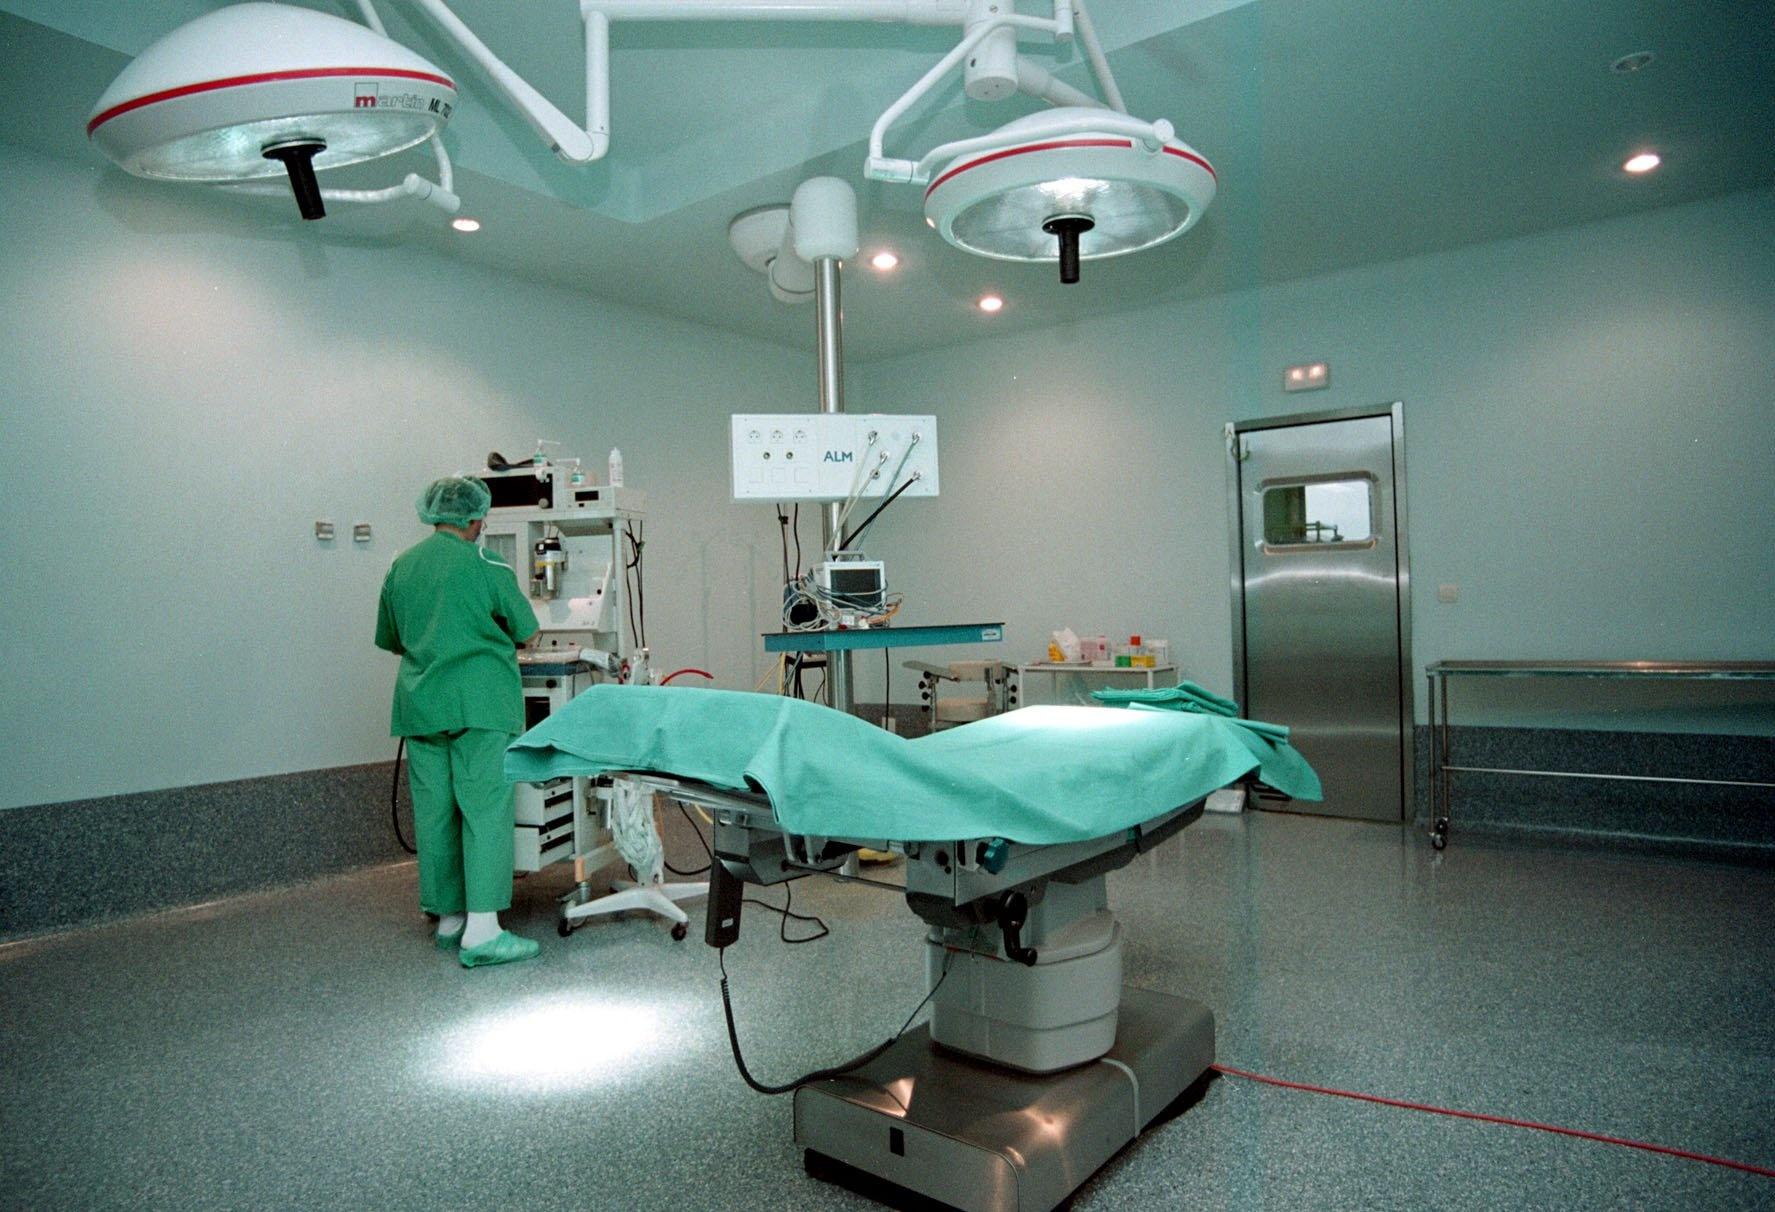 La Junta aprueba 492.000 euros para la contratación de 620 procedimientos quirúrgicos en Burgos